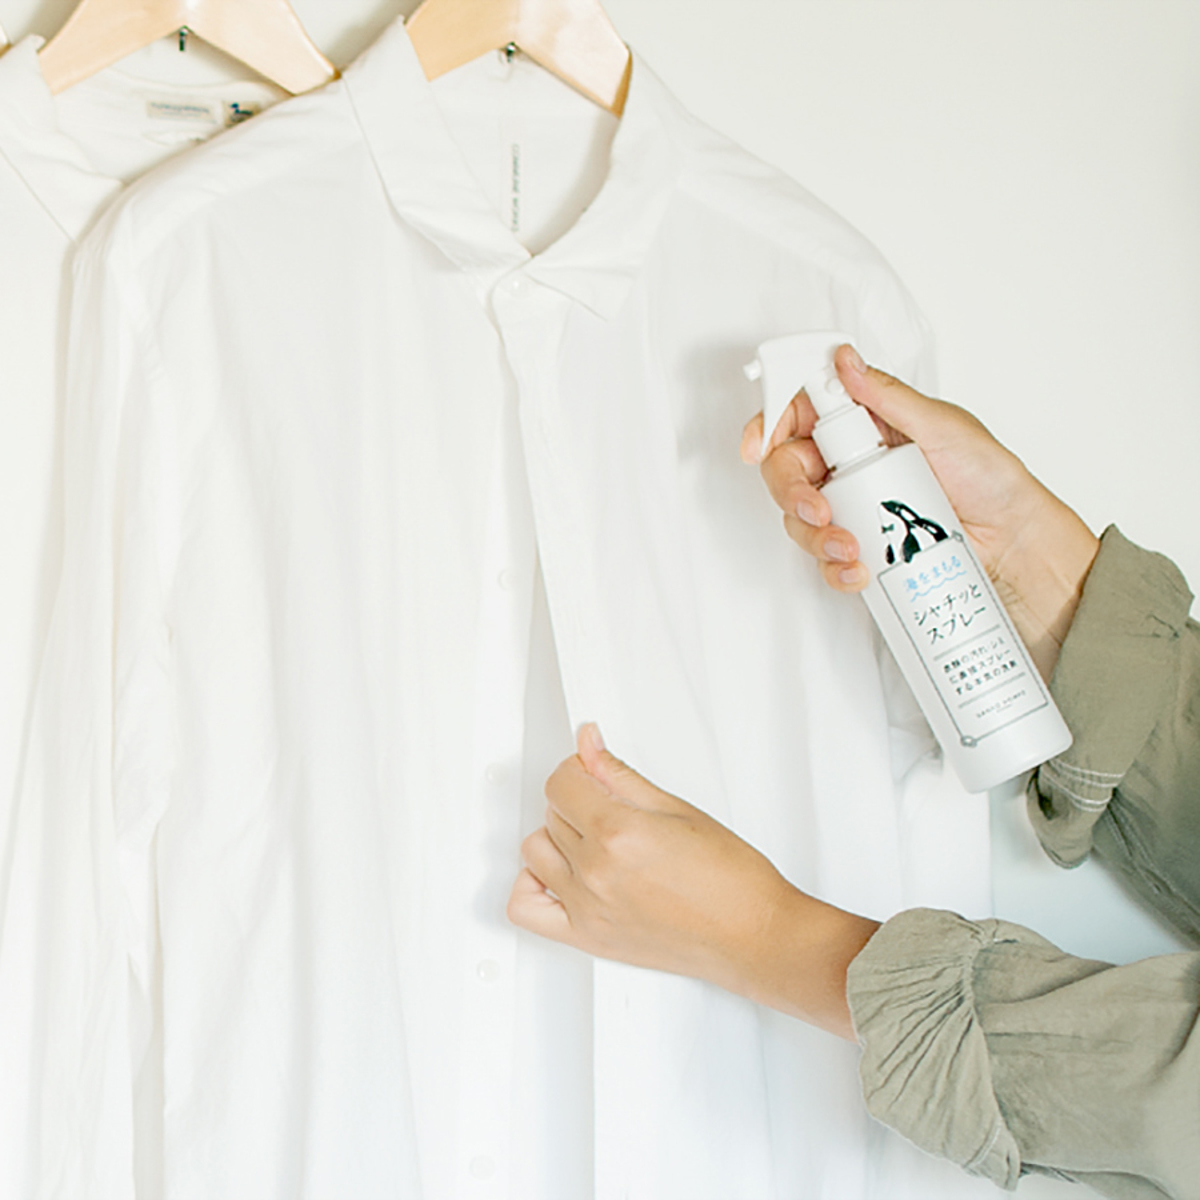 これからは『洗い分け不要』の時代|綿もカシミアも一緒に洗えて、すすぎの手間いらず